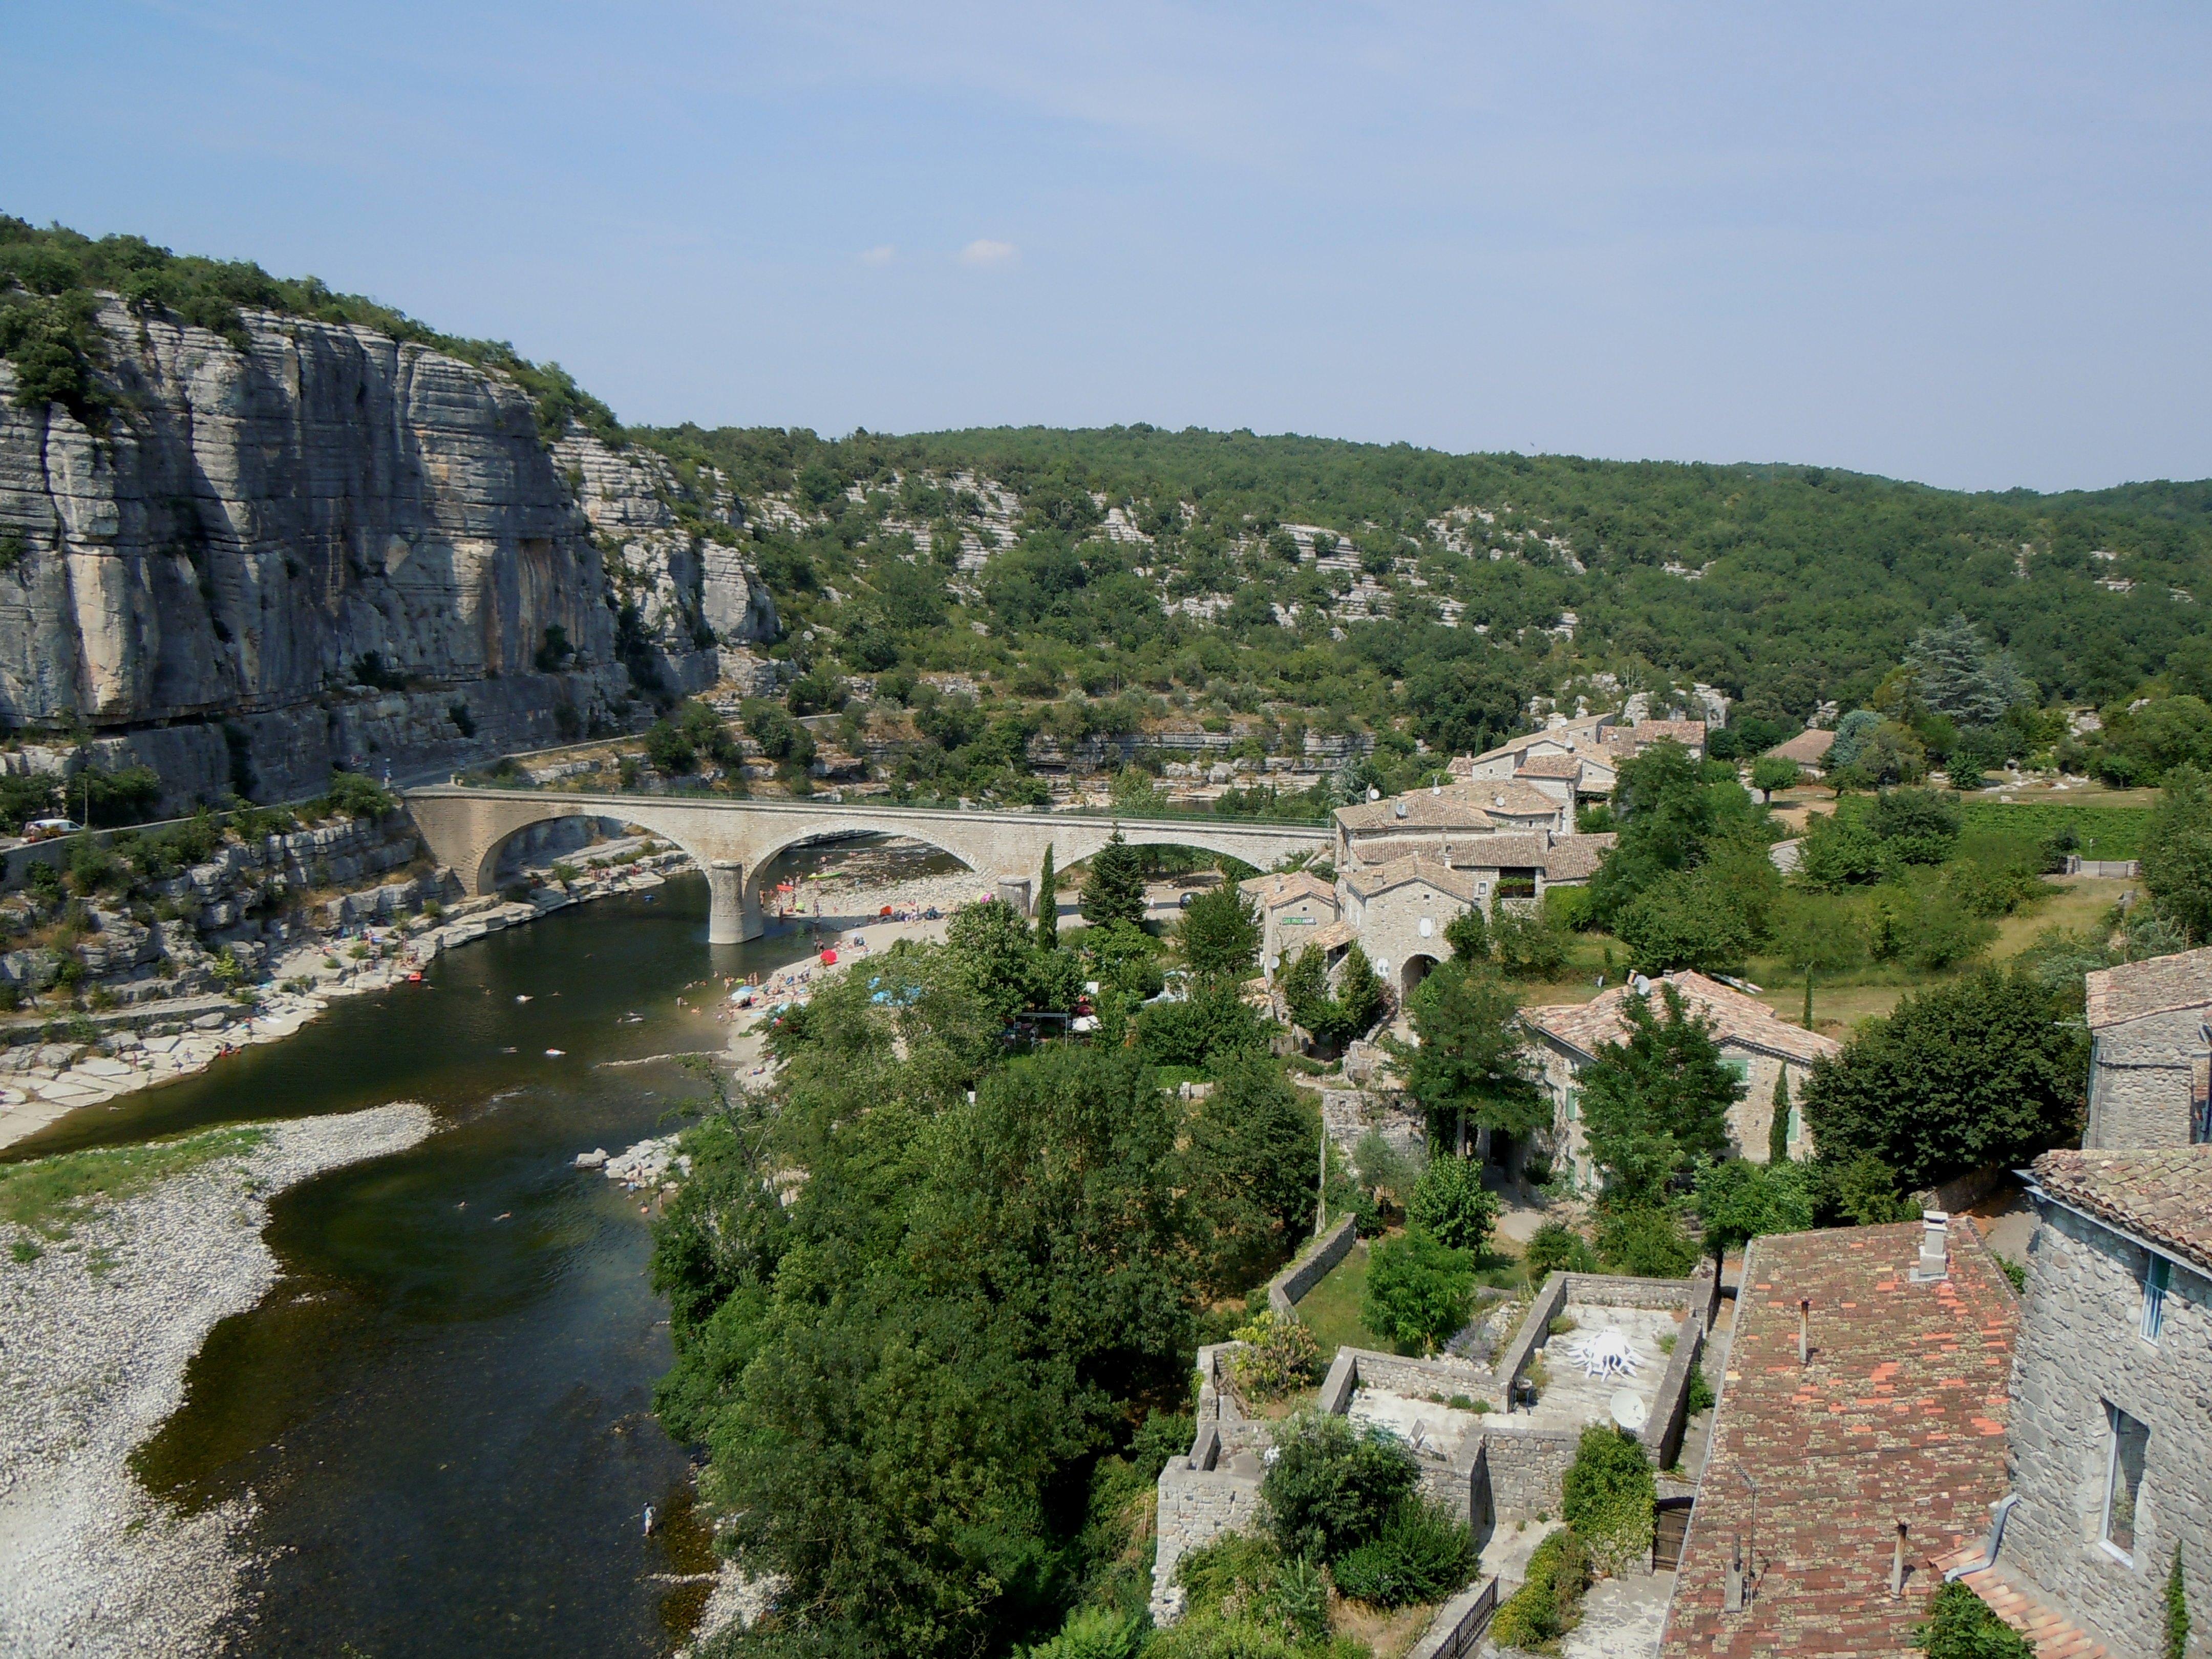 873-balazuc-plus-beaux-villages-de-france-ardeche.jpg